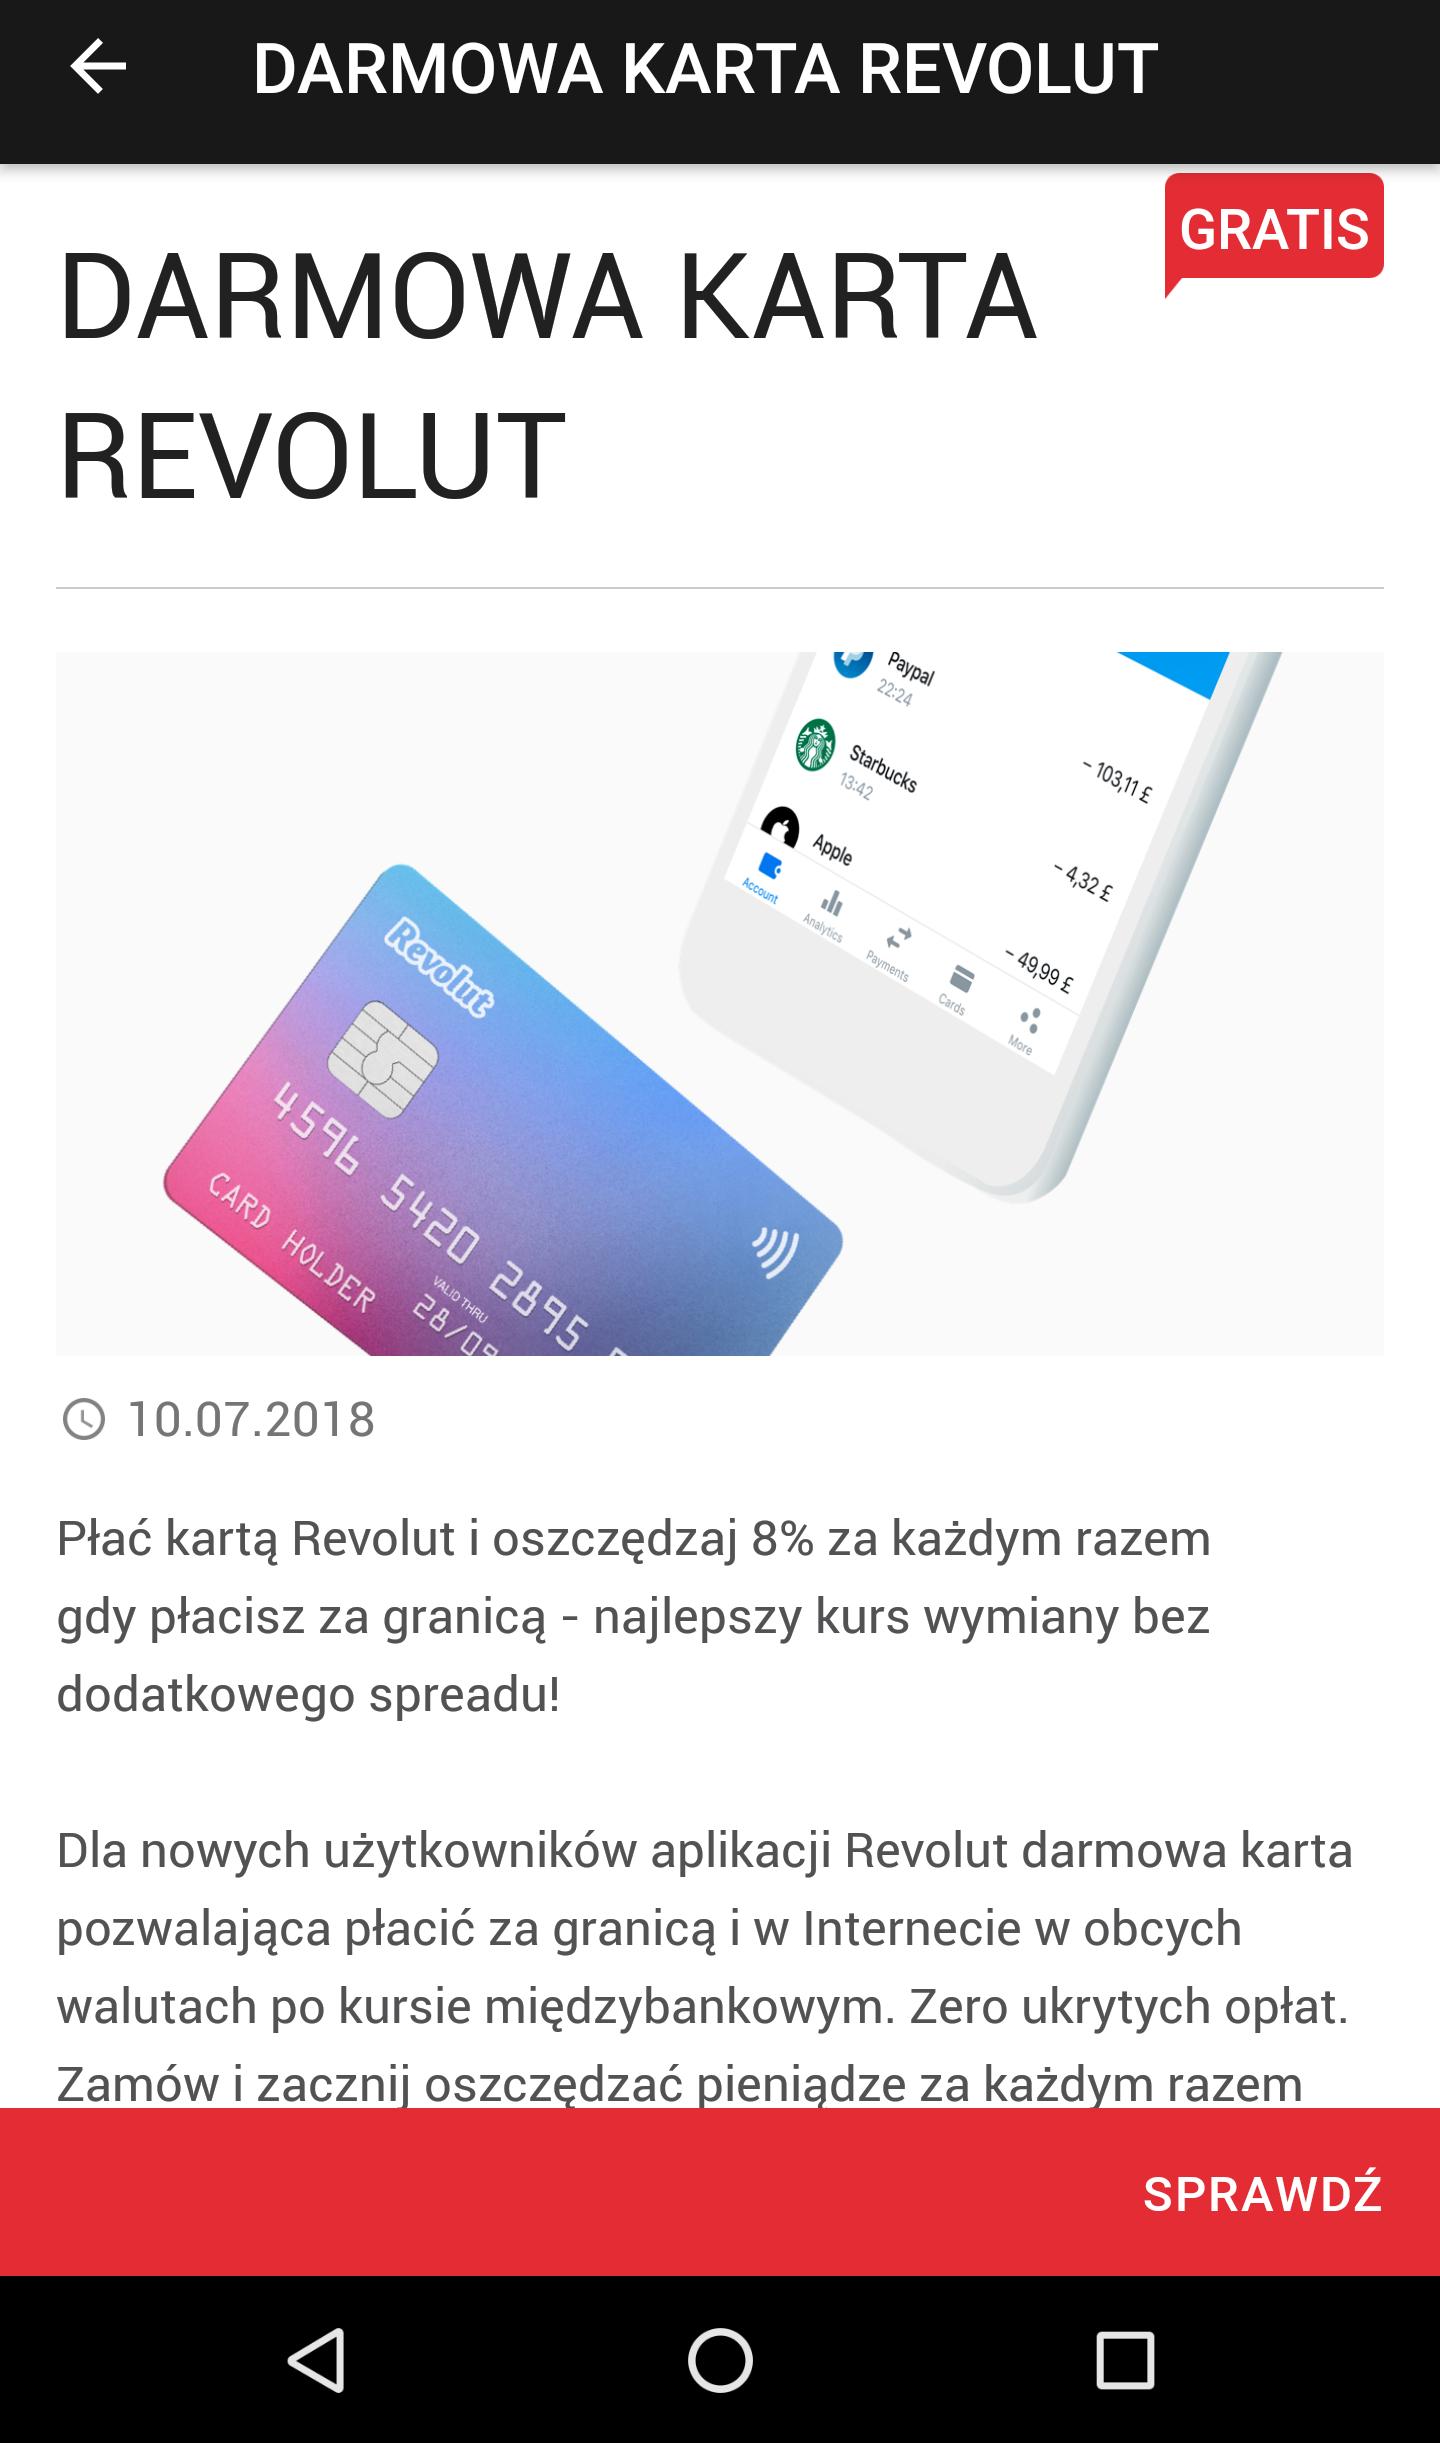 [Revolut] Darmowa karta dla nowych kont - tym razem przez aplikację Yanosik